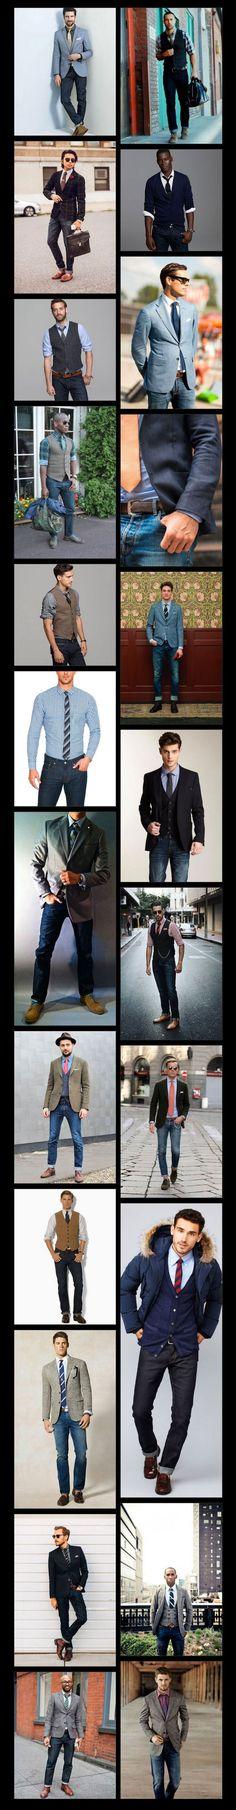 Aparência modelo masculino de roupa para homens